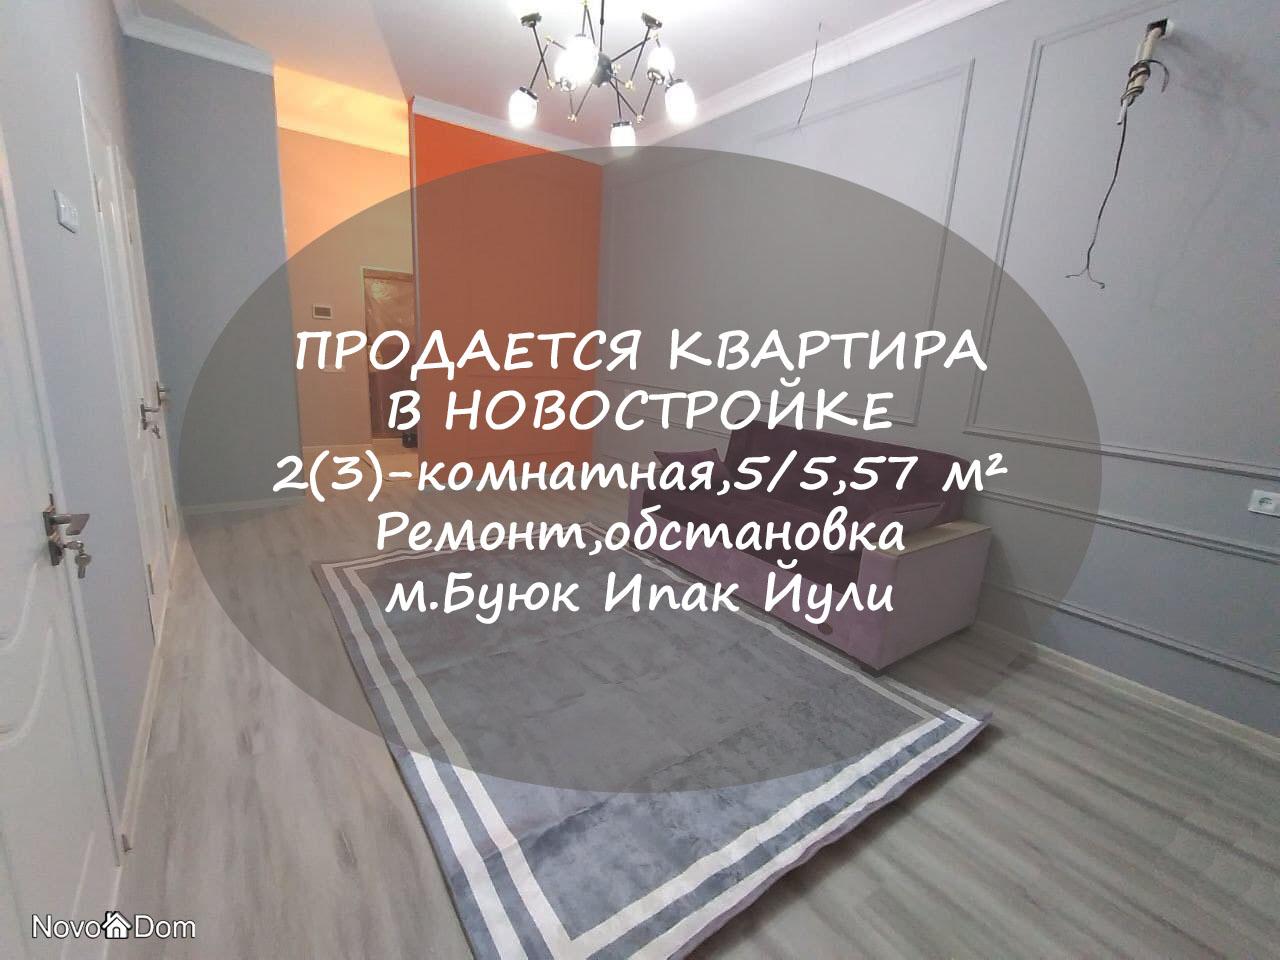 Купить 2(3)-комнатную квартиру в новостройке на м.Буюк Ипак Йули